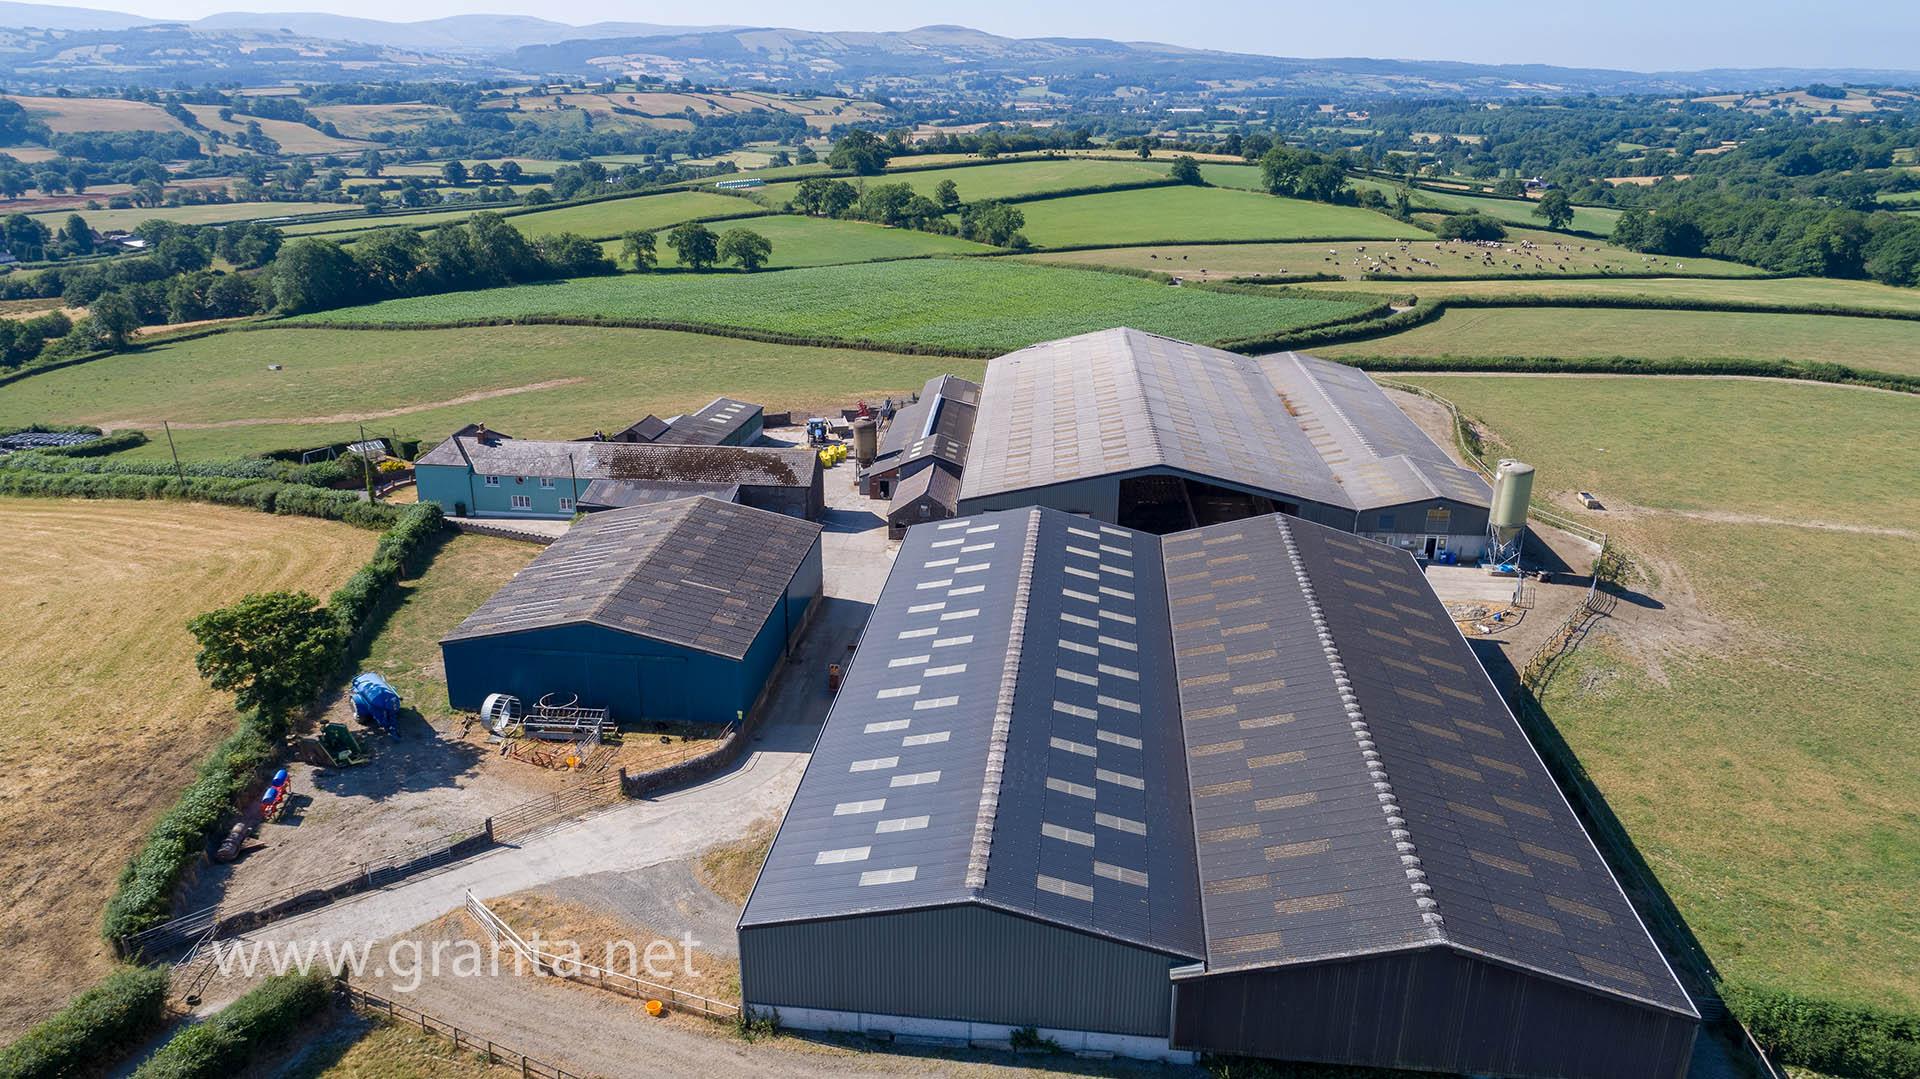 Aerial photo of a farm